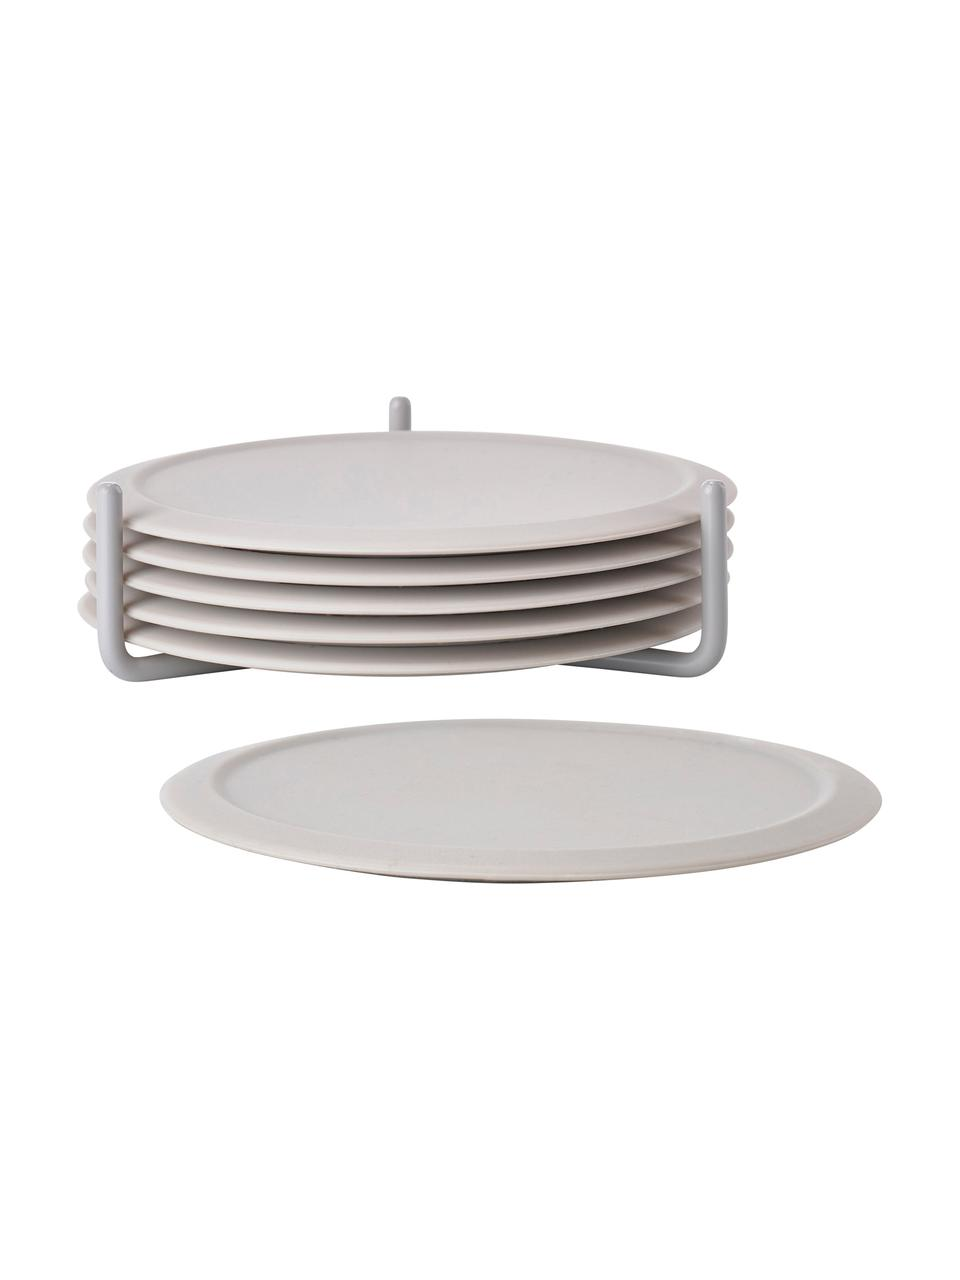 Silikon Untersetzer-Set Plain, 7-tlg., Untersetzer: Rutschfestes Silikon, Halterung: Metall, Gebrochenes Weiß, Ø 10 cm